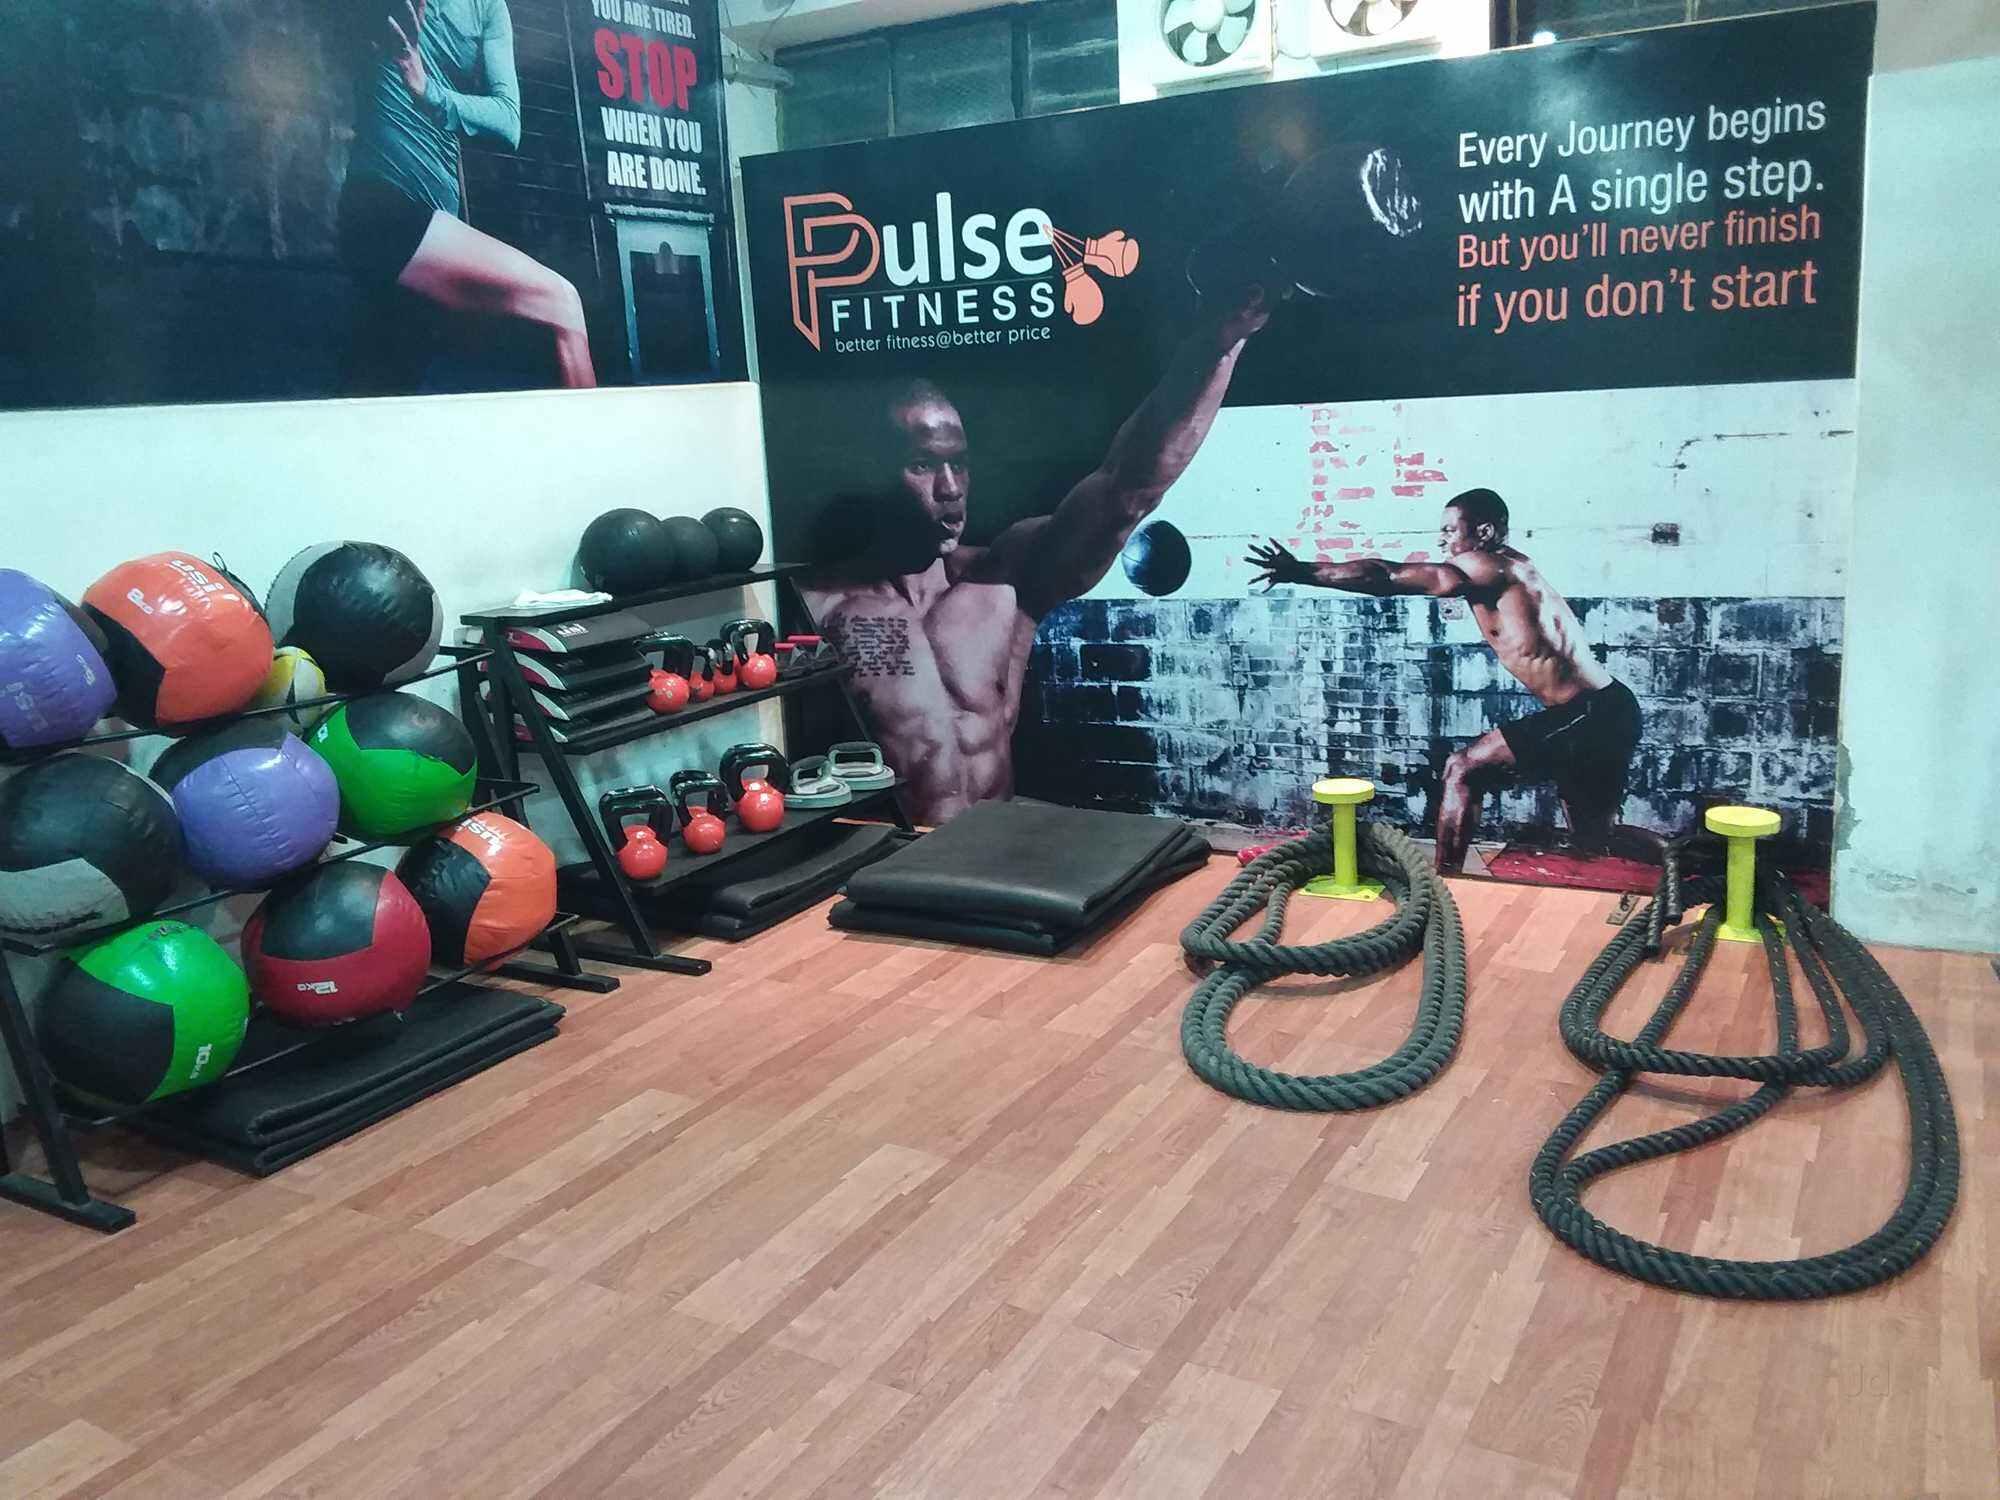 top-5-gym-in-jodhpur-city-जोधपुर-शहर-में-बेस्ट-5-जिम